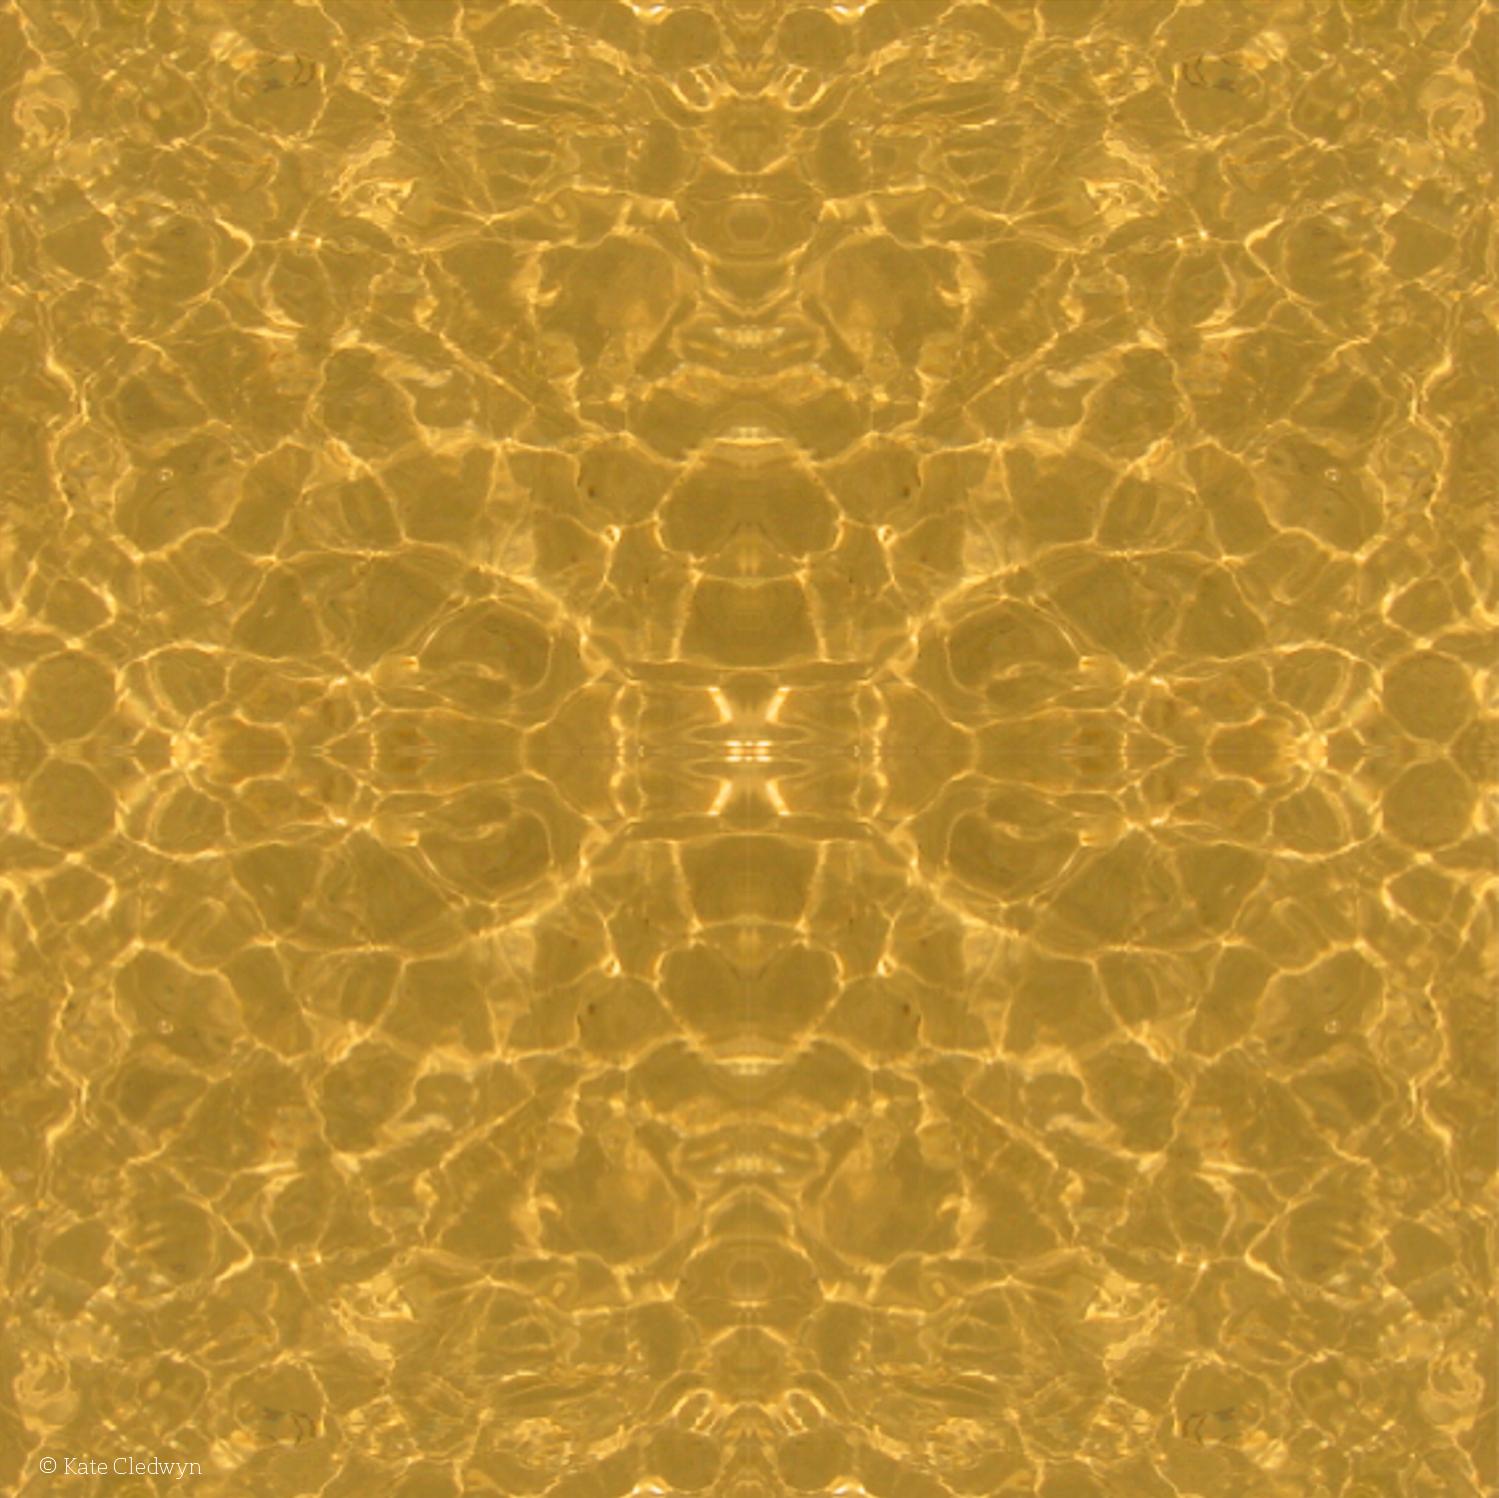 Golden Glissen